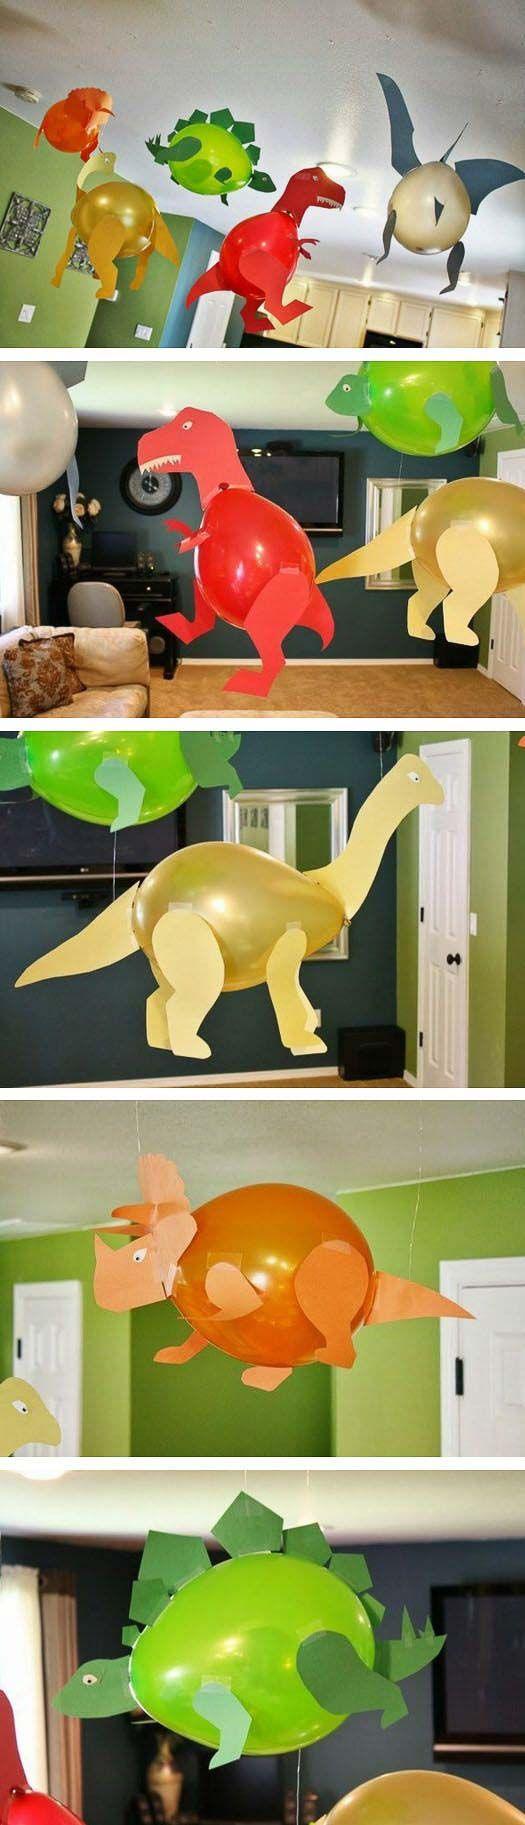 originales con globos para decorar fiestas